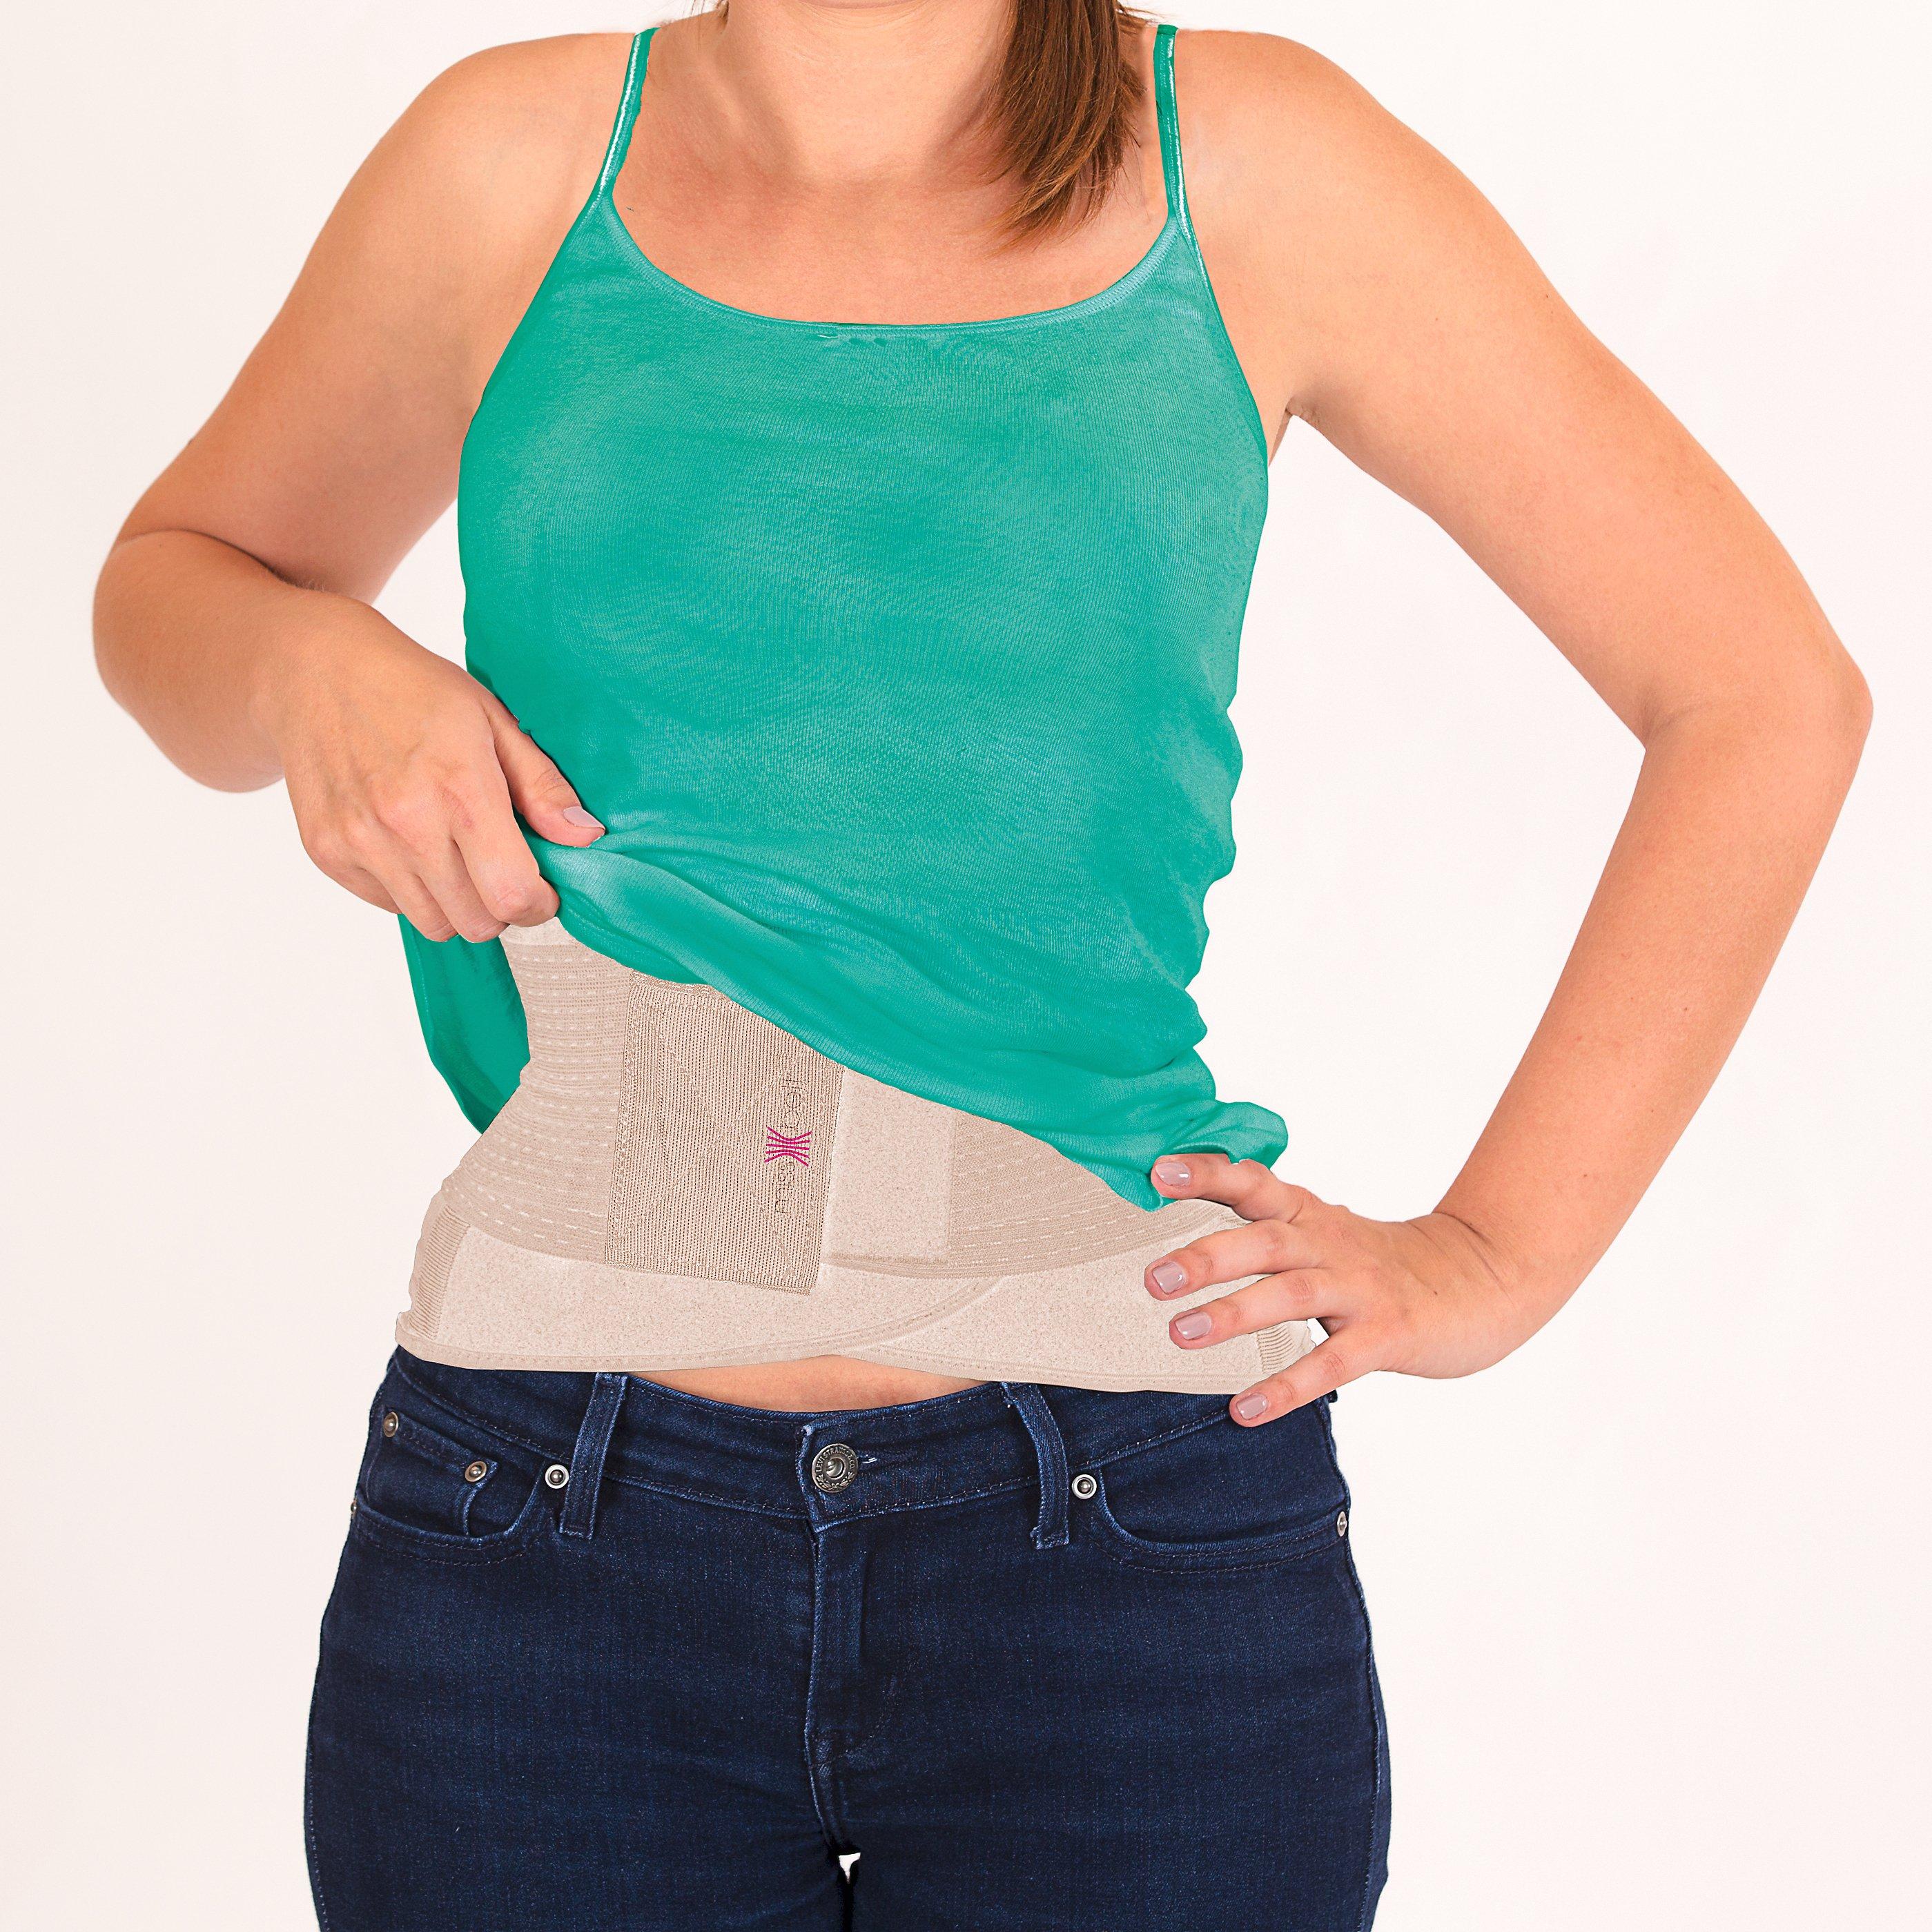 Image result for miss belt